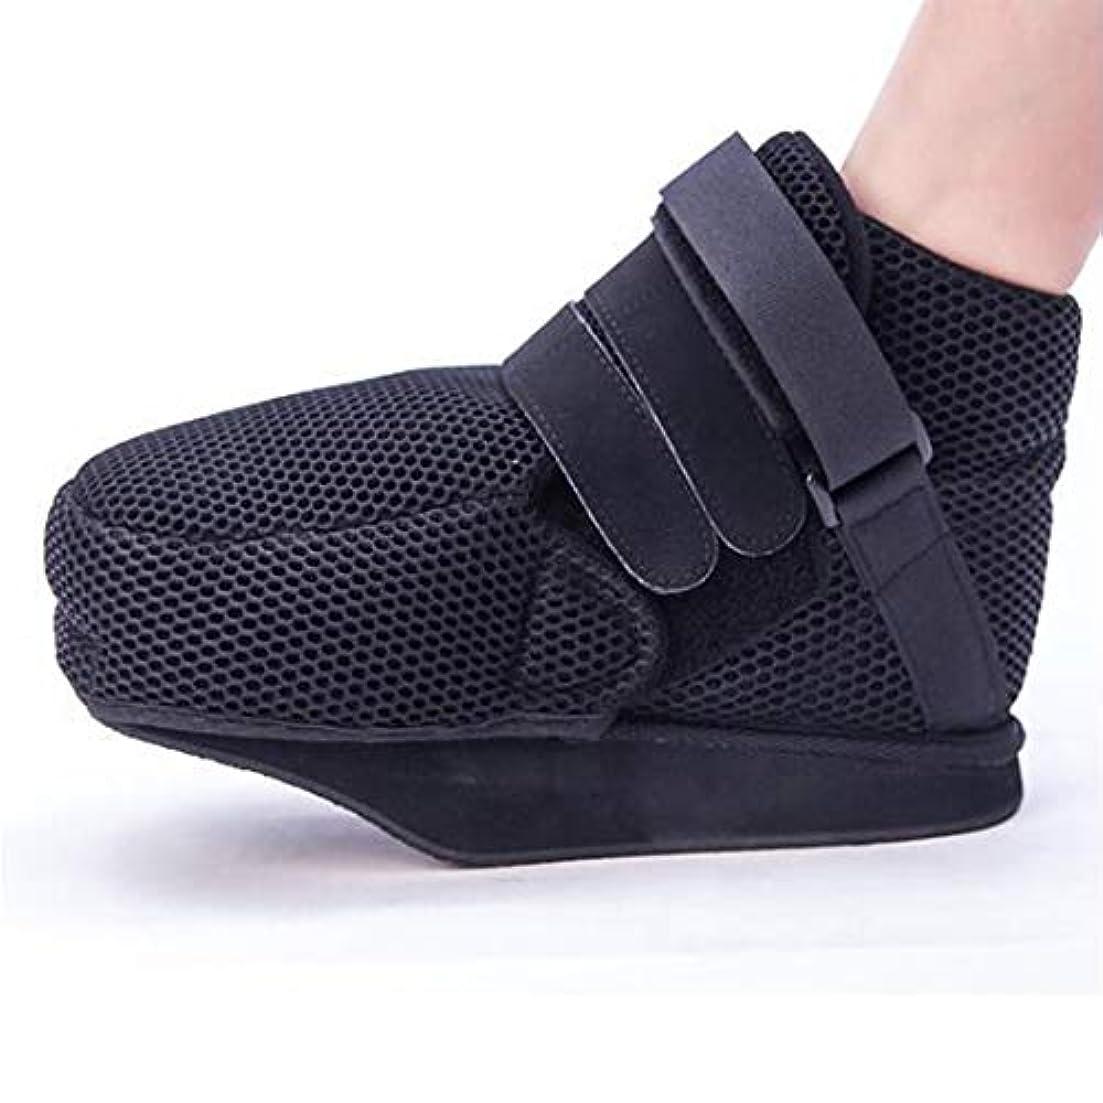 食料品店エロチック対人医療足骨折石膏の回復靴の手術後のつま先の靴を安定化骨折の靴を調整可能なファスナーで完全なカバー,S24cm